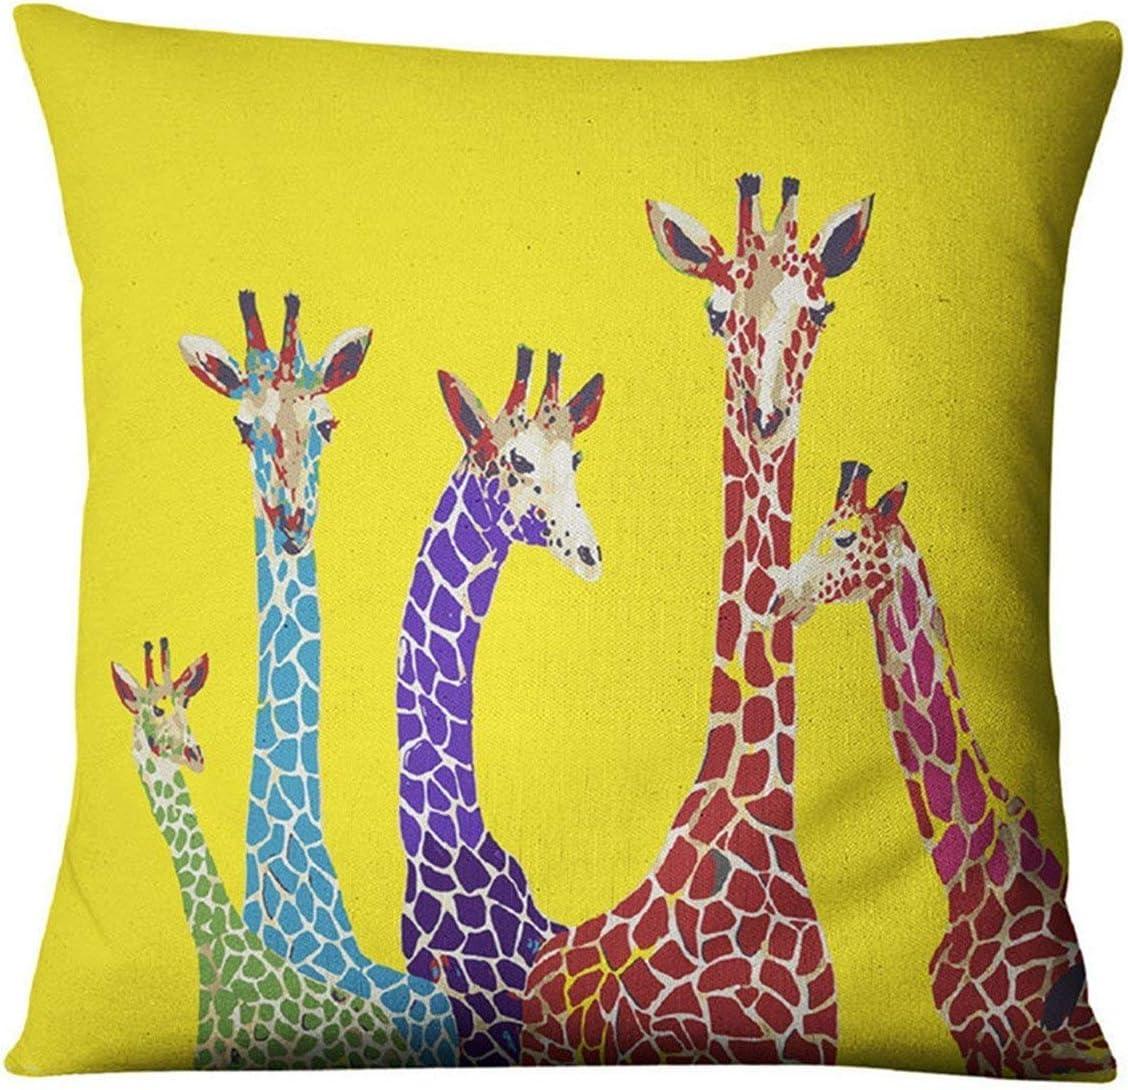 Amazon Com Nunubee Cotton Linen Throw Pillow Cover Case 18x18 Giraffe Giraffe2 18 X 18 Home Kitchen